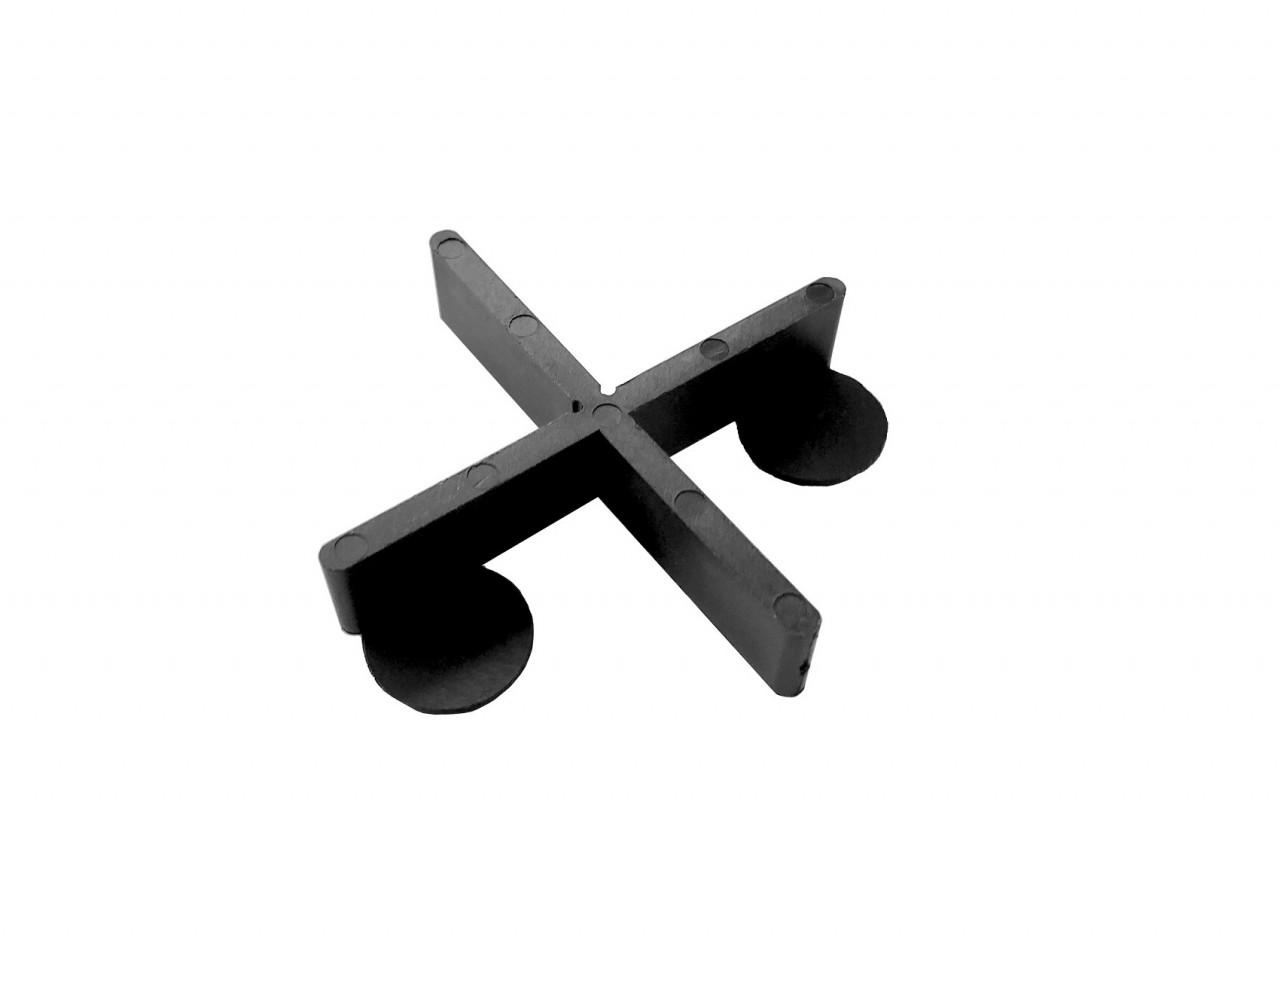 Fugenkreuze für Feinsteinzeugbeläge - Fugenkreuze mit Rückhaltefunktion